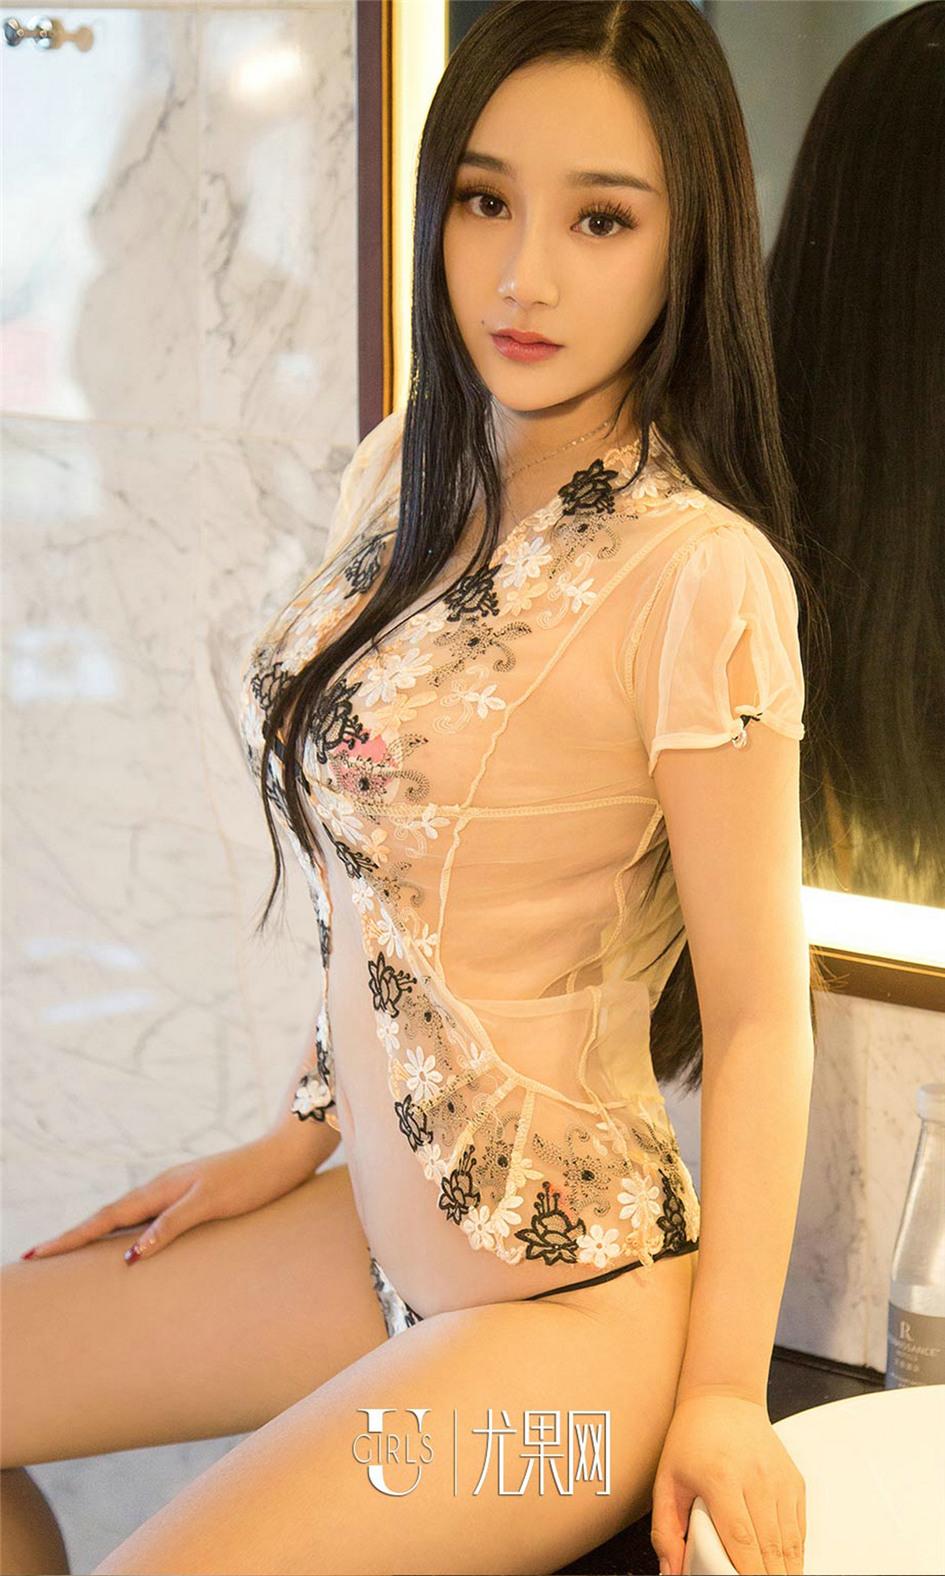 [尤果网] 性感蕾丝美女贺欣畅丁字裤写真 第657期